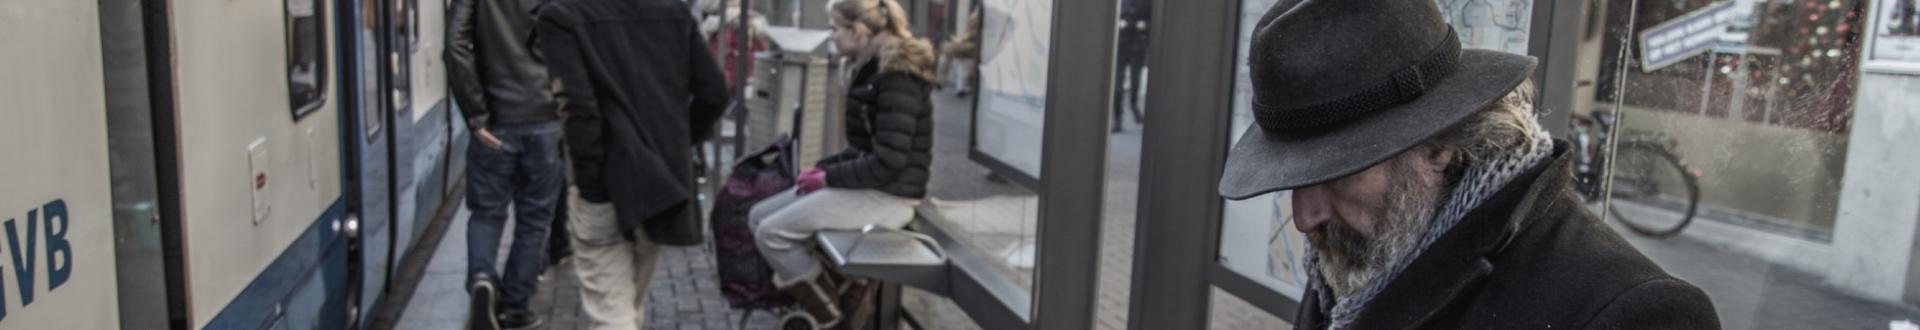 alter Mann sitz am Bahnhof - Krankenkassen übernehmen Fahrtkosten für Hartz IV-Bezieher bei Krankheit